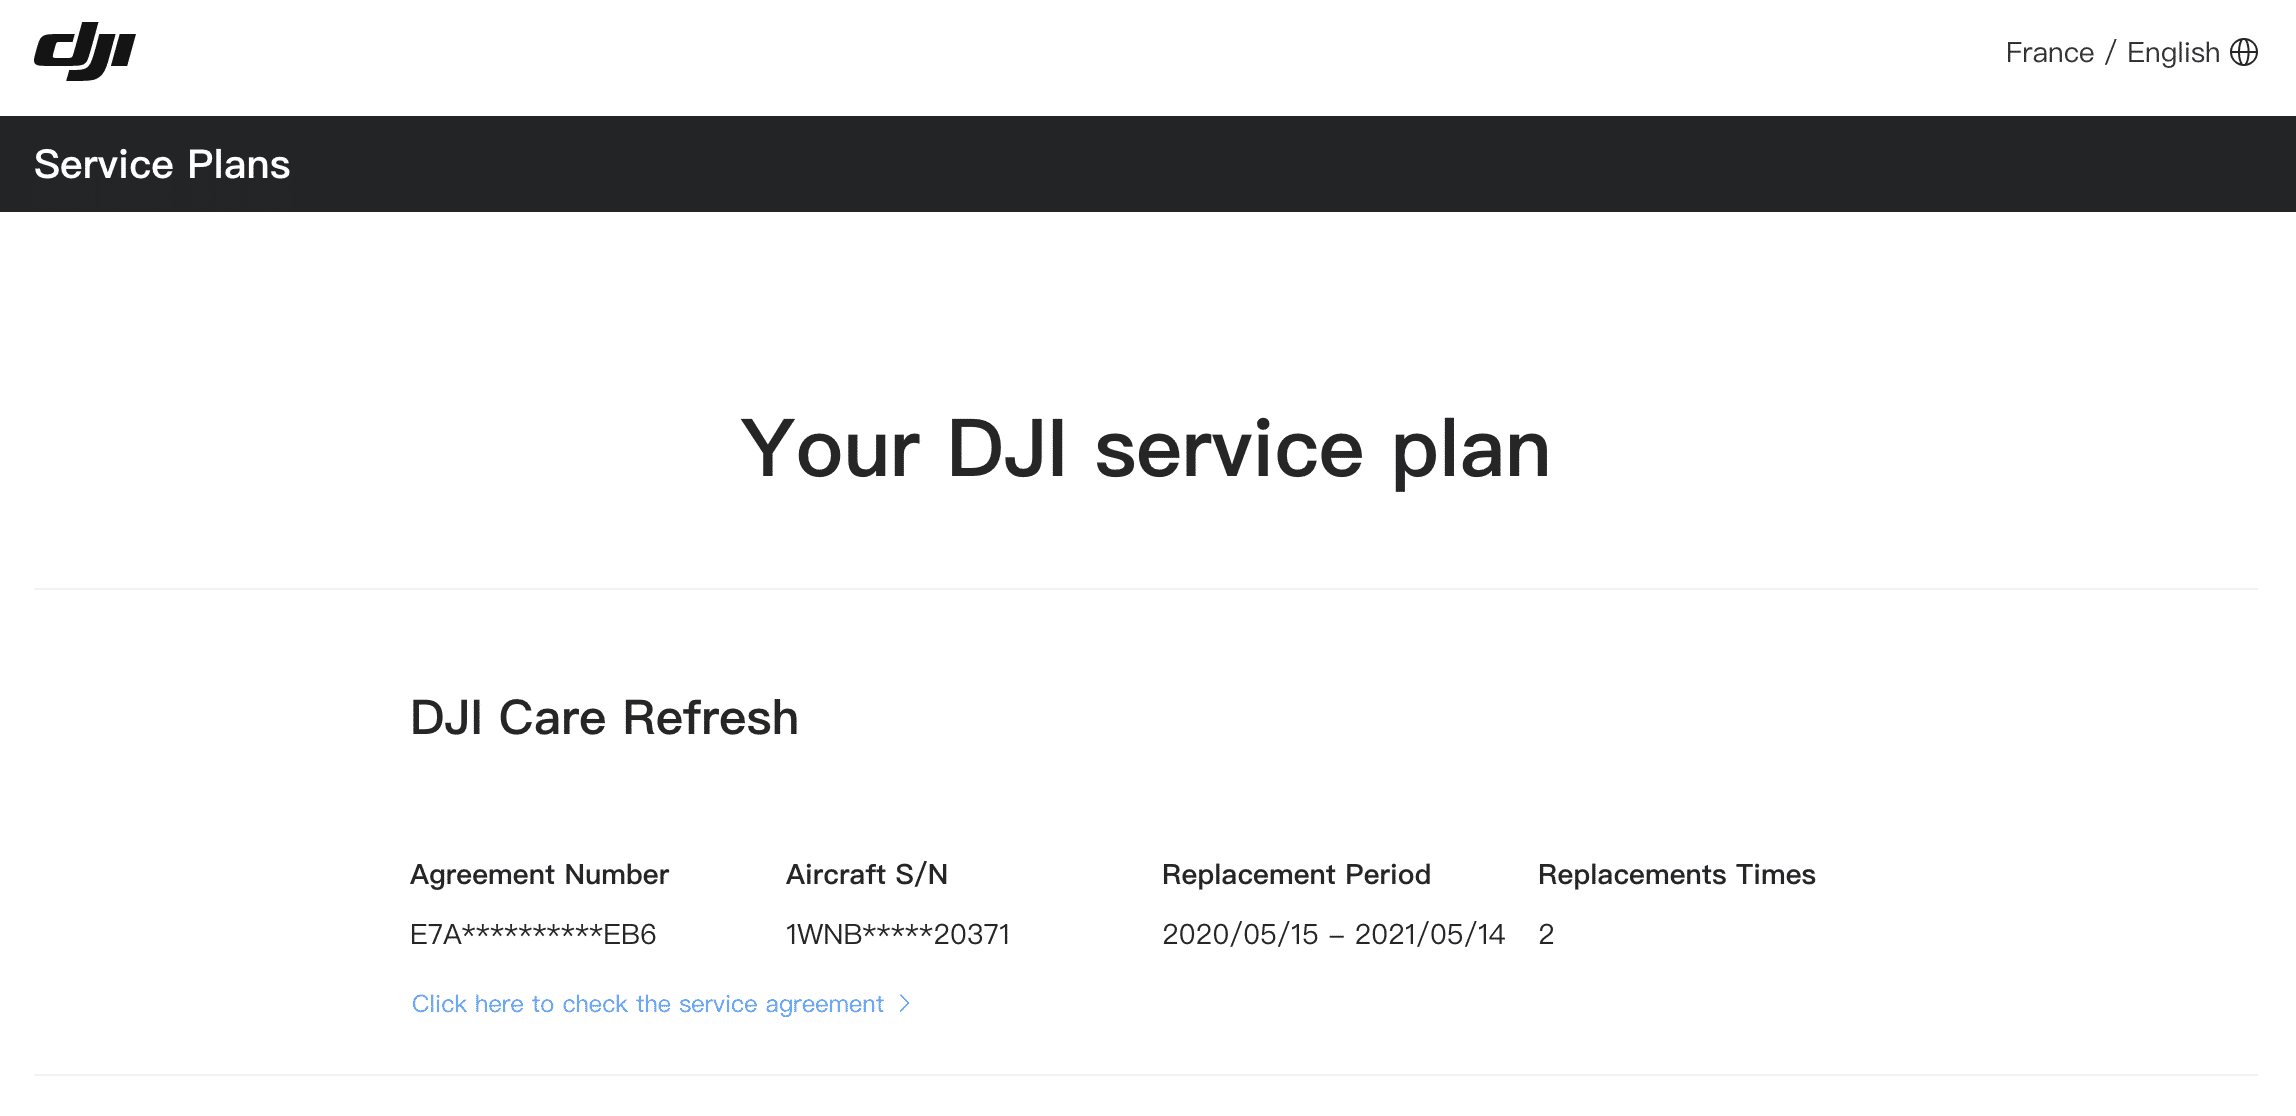 DJI Care Refresh - Vérification de la couverture